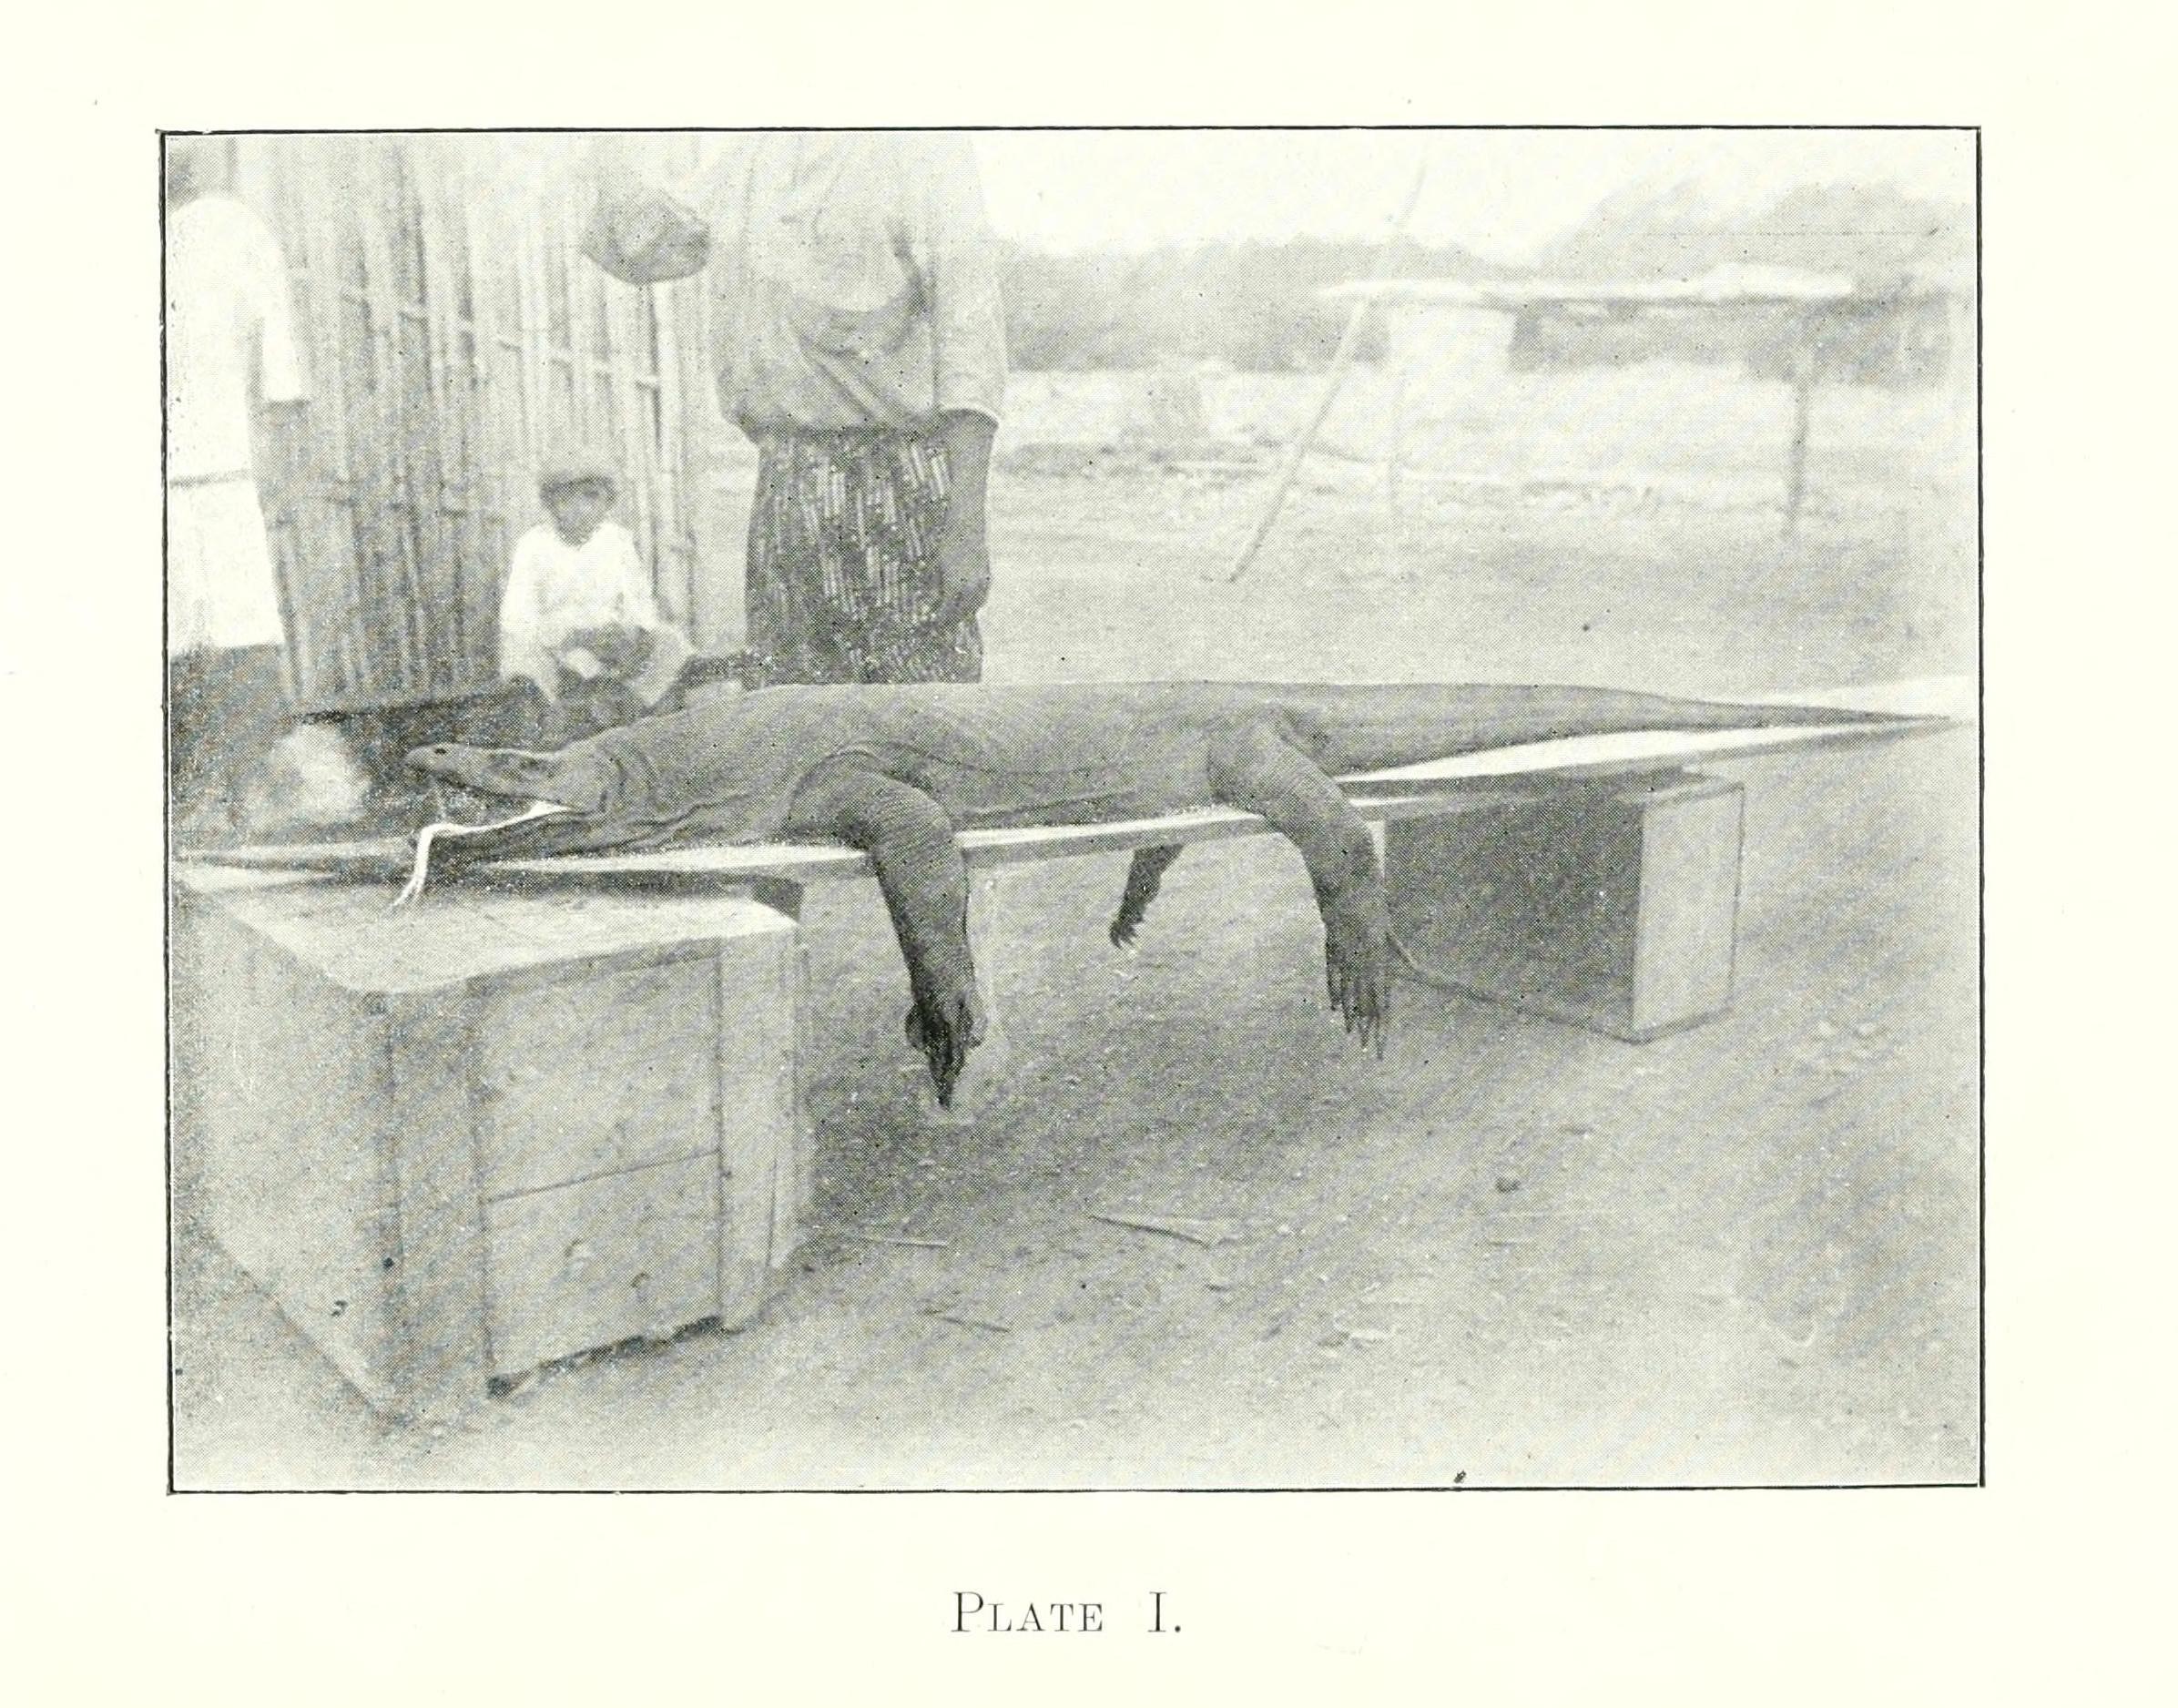 Der erste wissenschaftlich bekannte Komodowaran.